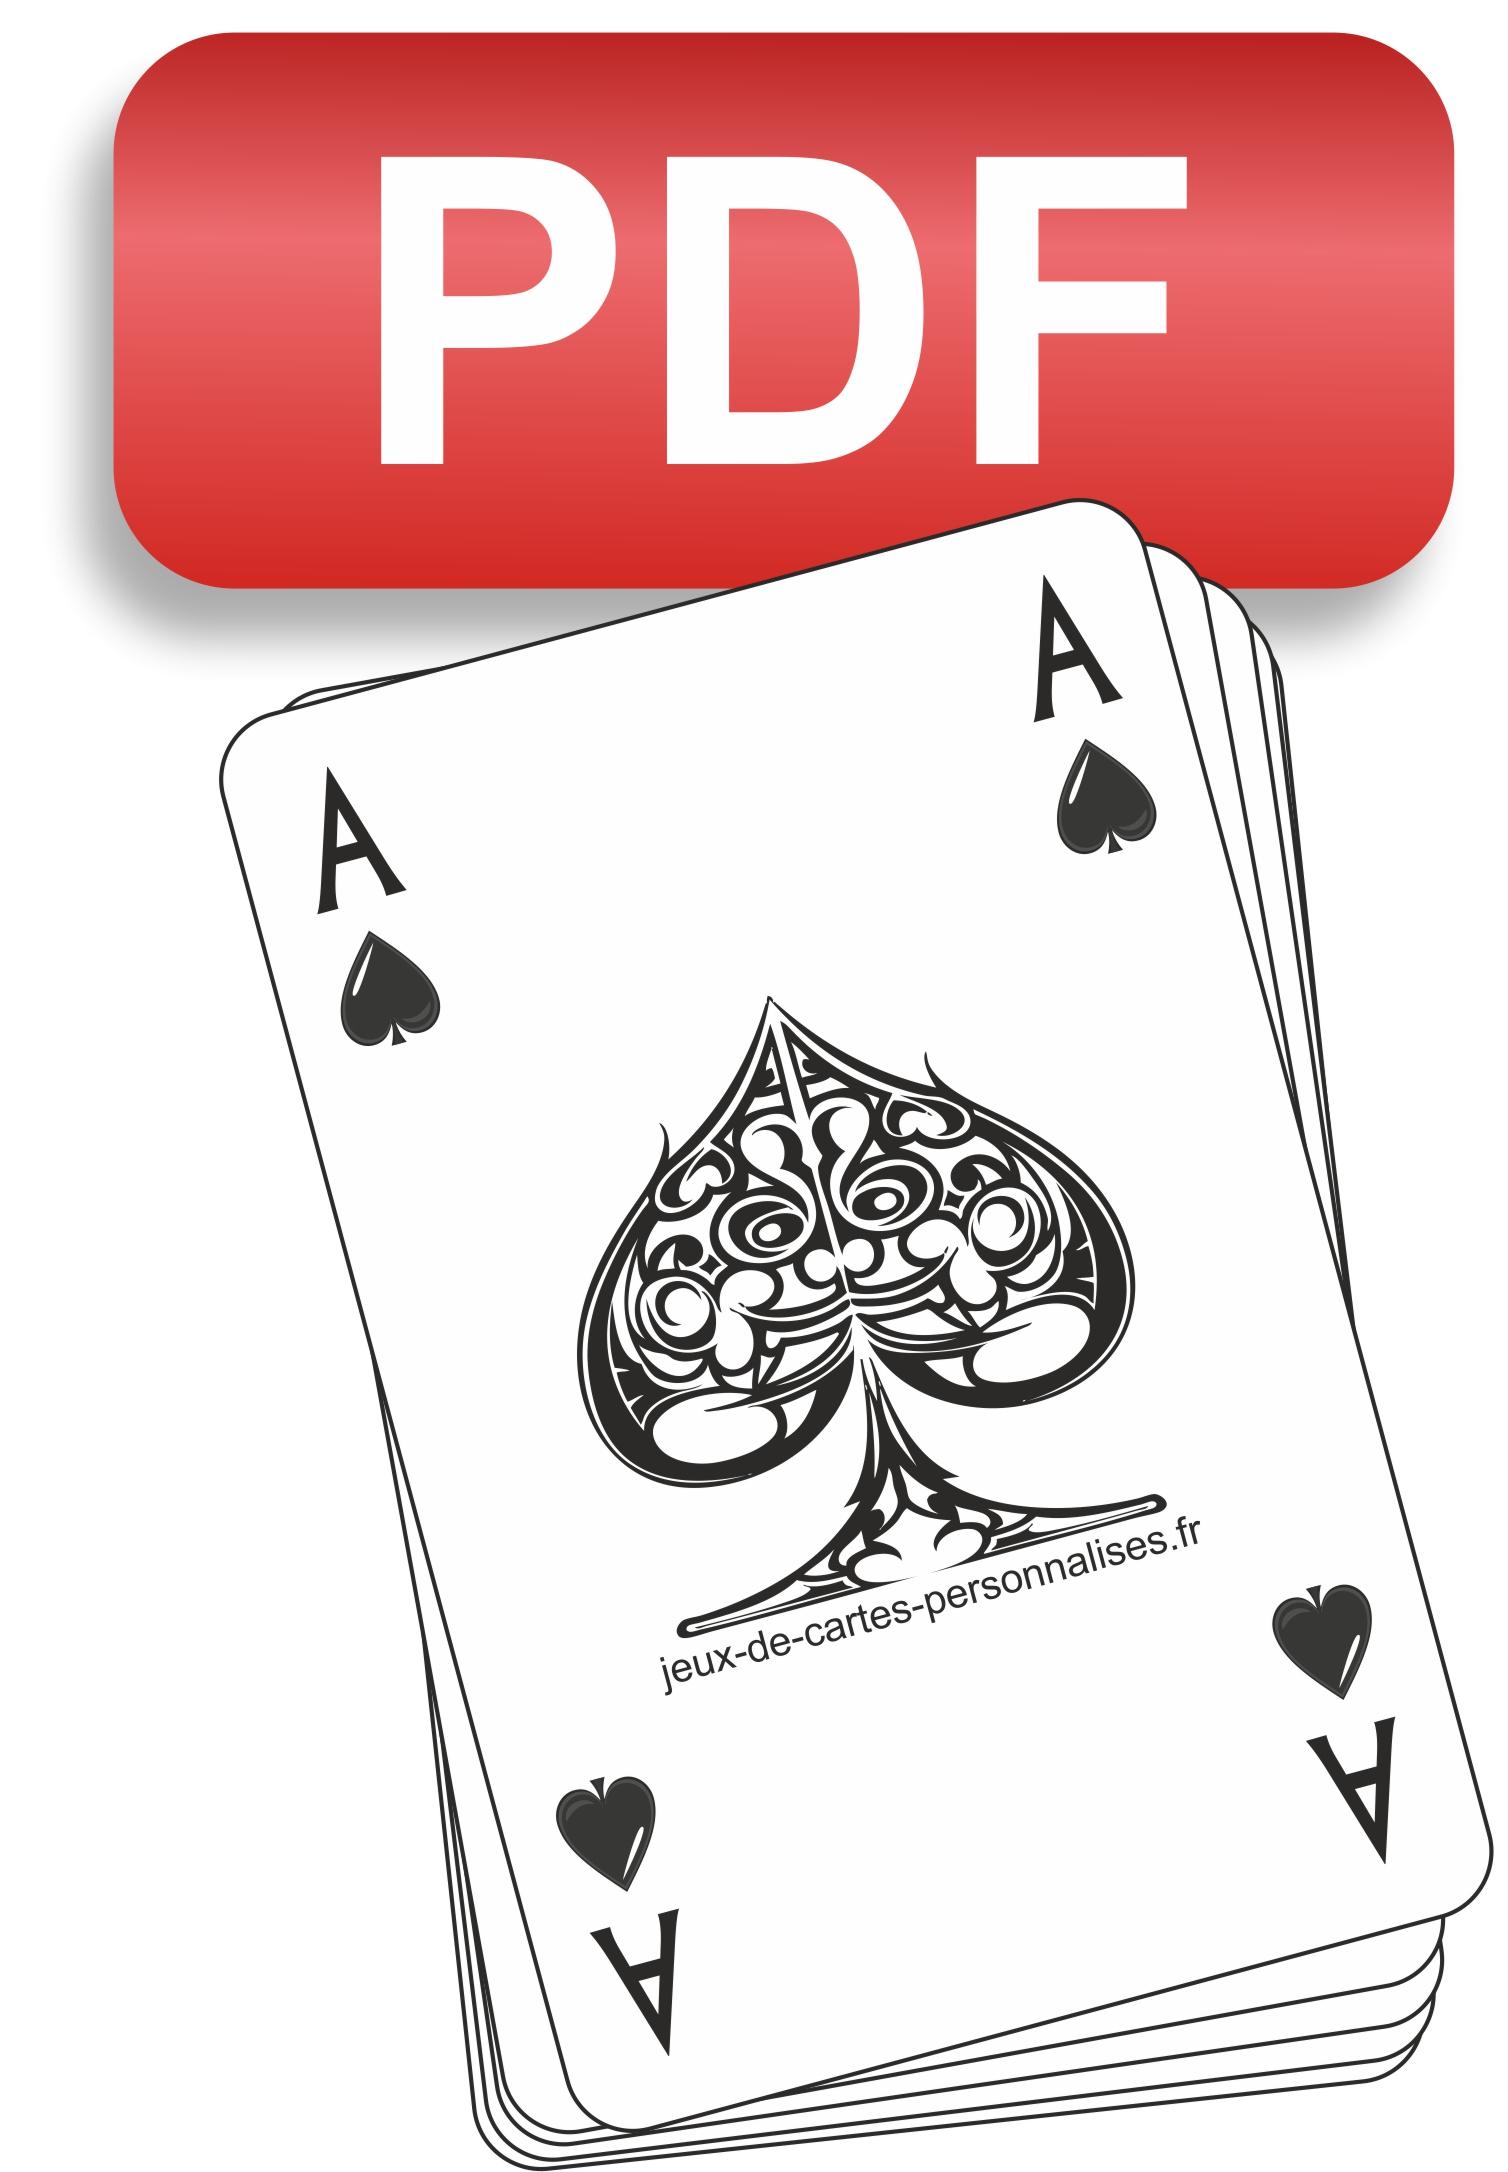 Comment Créer Et Éditer Un Jeu De Cartes ? - Jeux De Cartes intérieur Petite Carte De France A Imprimer